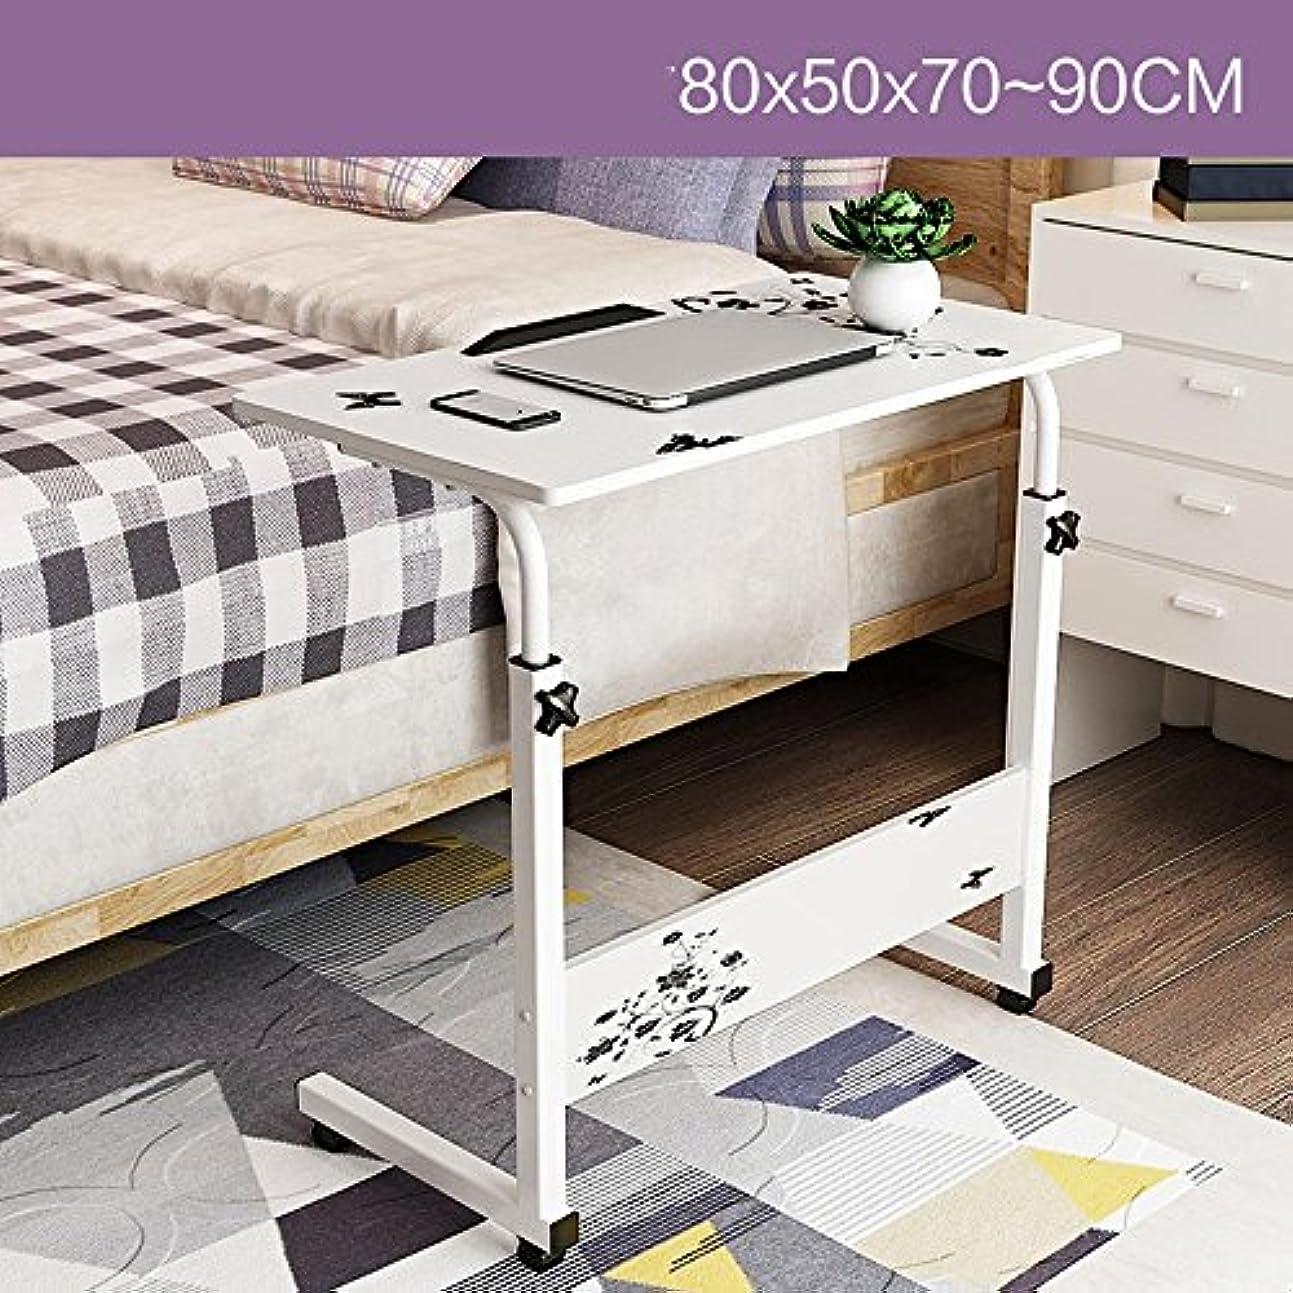 スケッチささやきコモランマLJHA zhuozi 折り畳みテーブルデスクトップモバイルコンピュータのデスクベッドサイドスタディデスクホームラウンジ表5色オプション80 * 50 * 70センチメートル (色 : E)